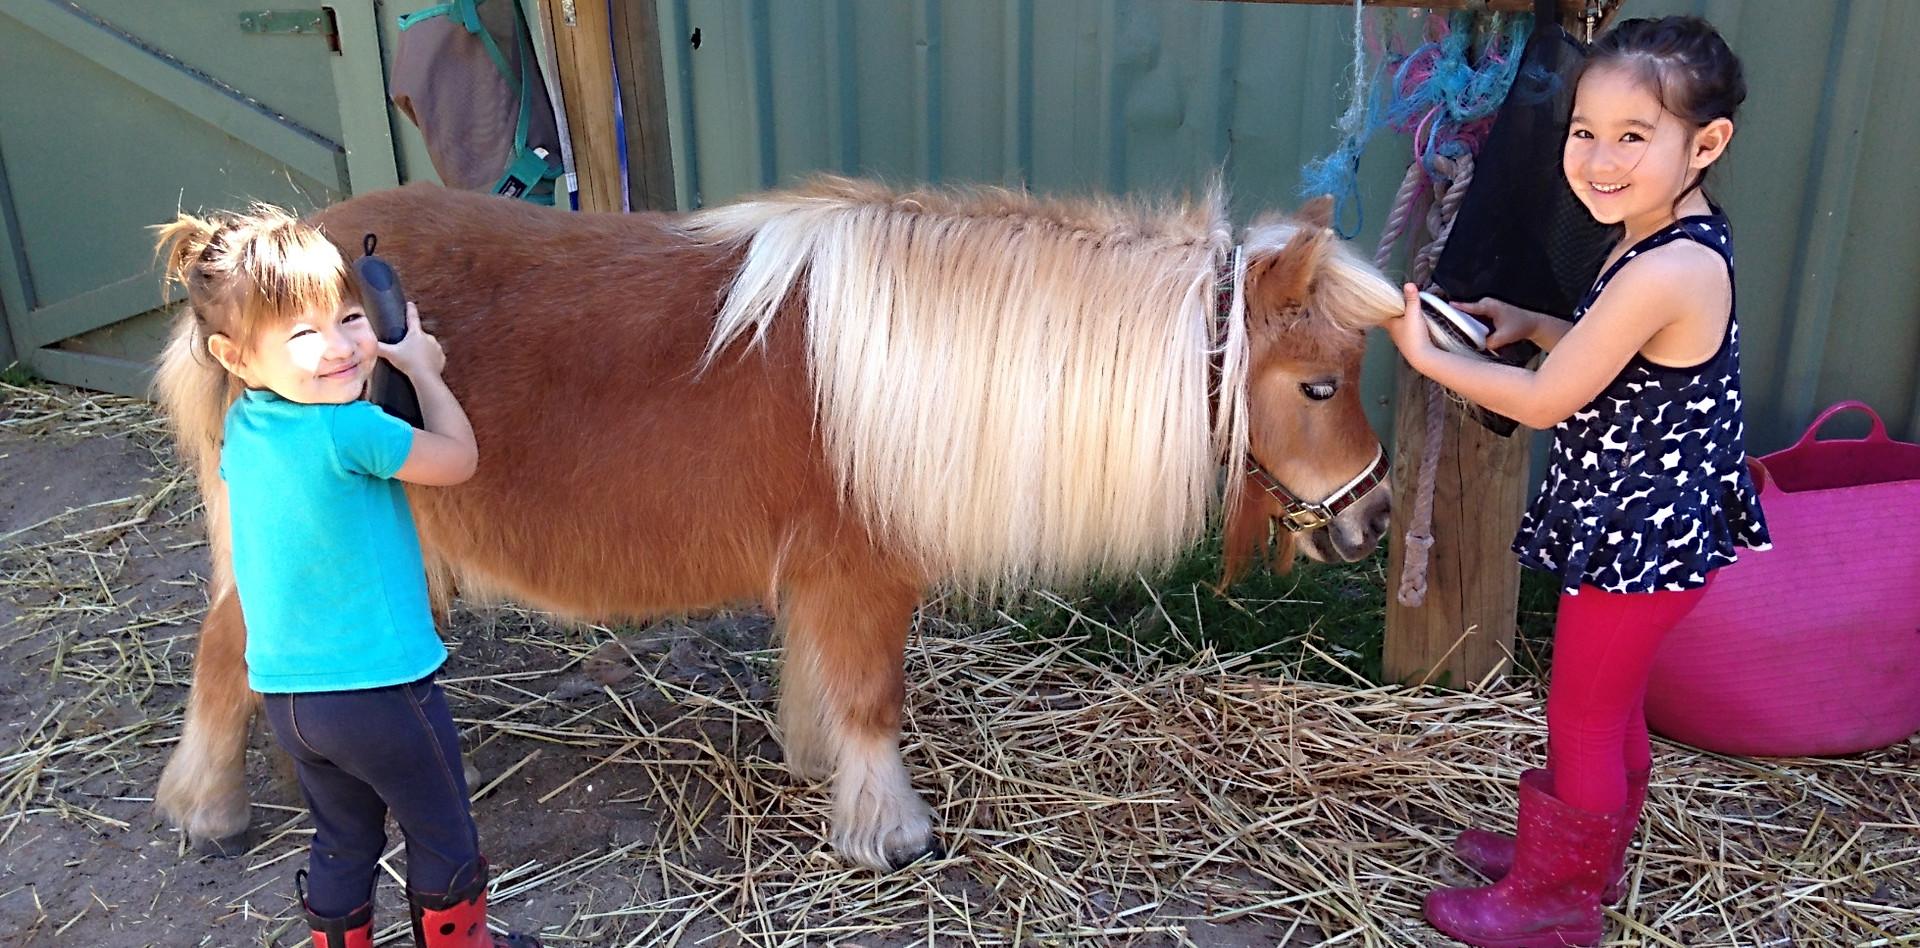 Pony grooming is always fun!